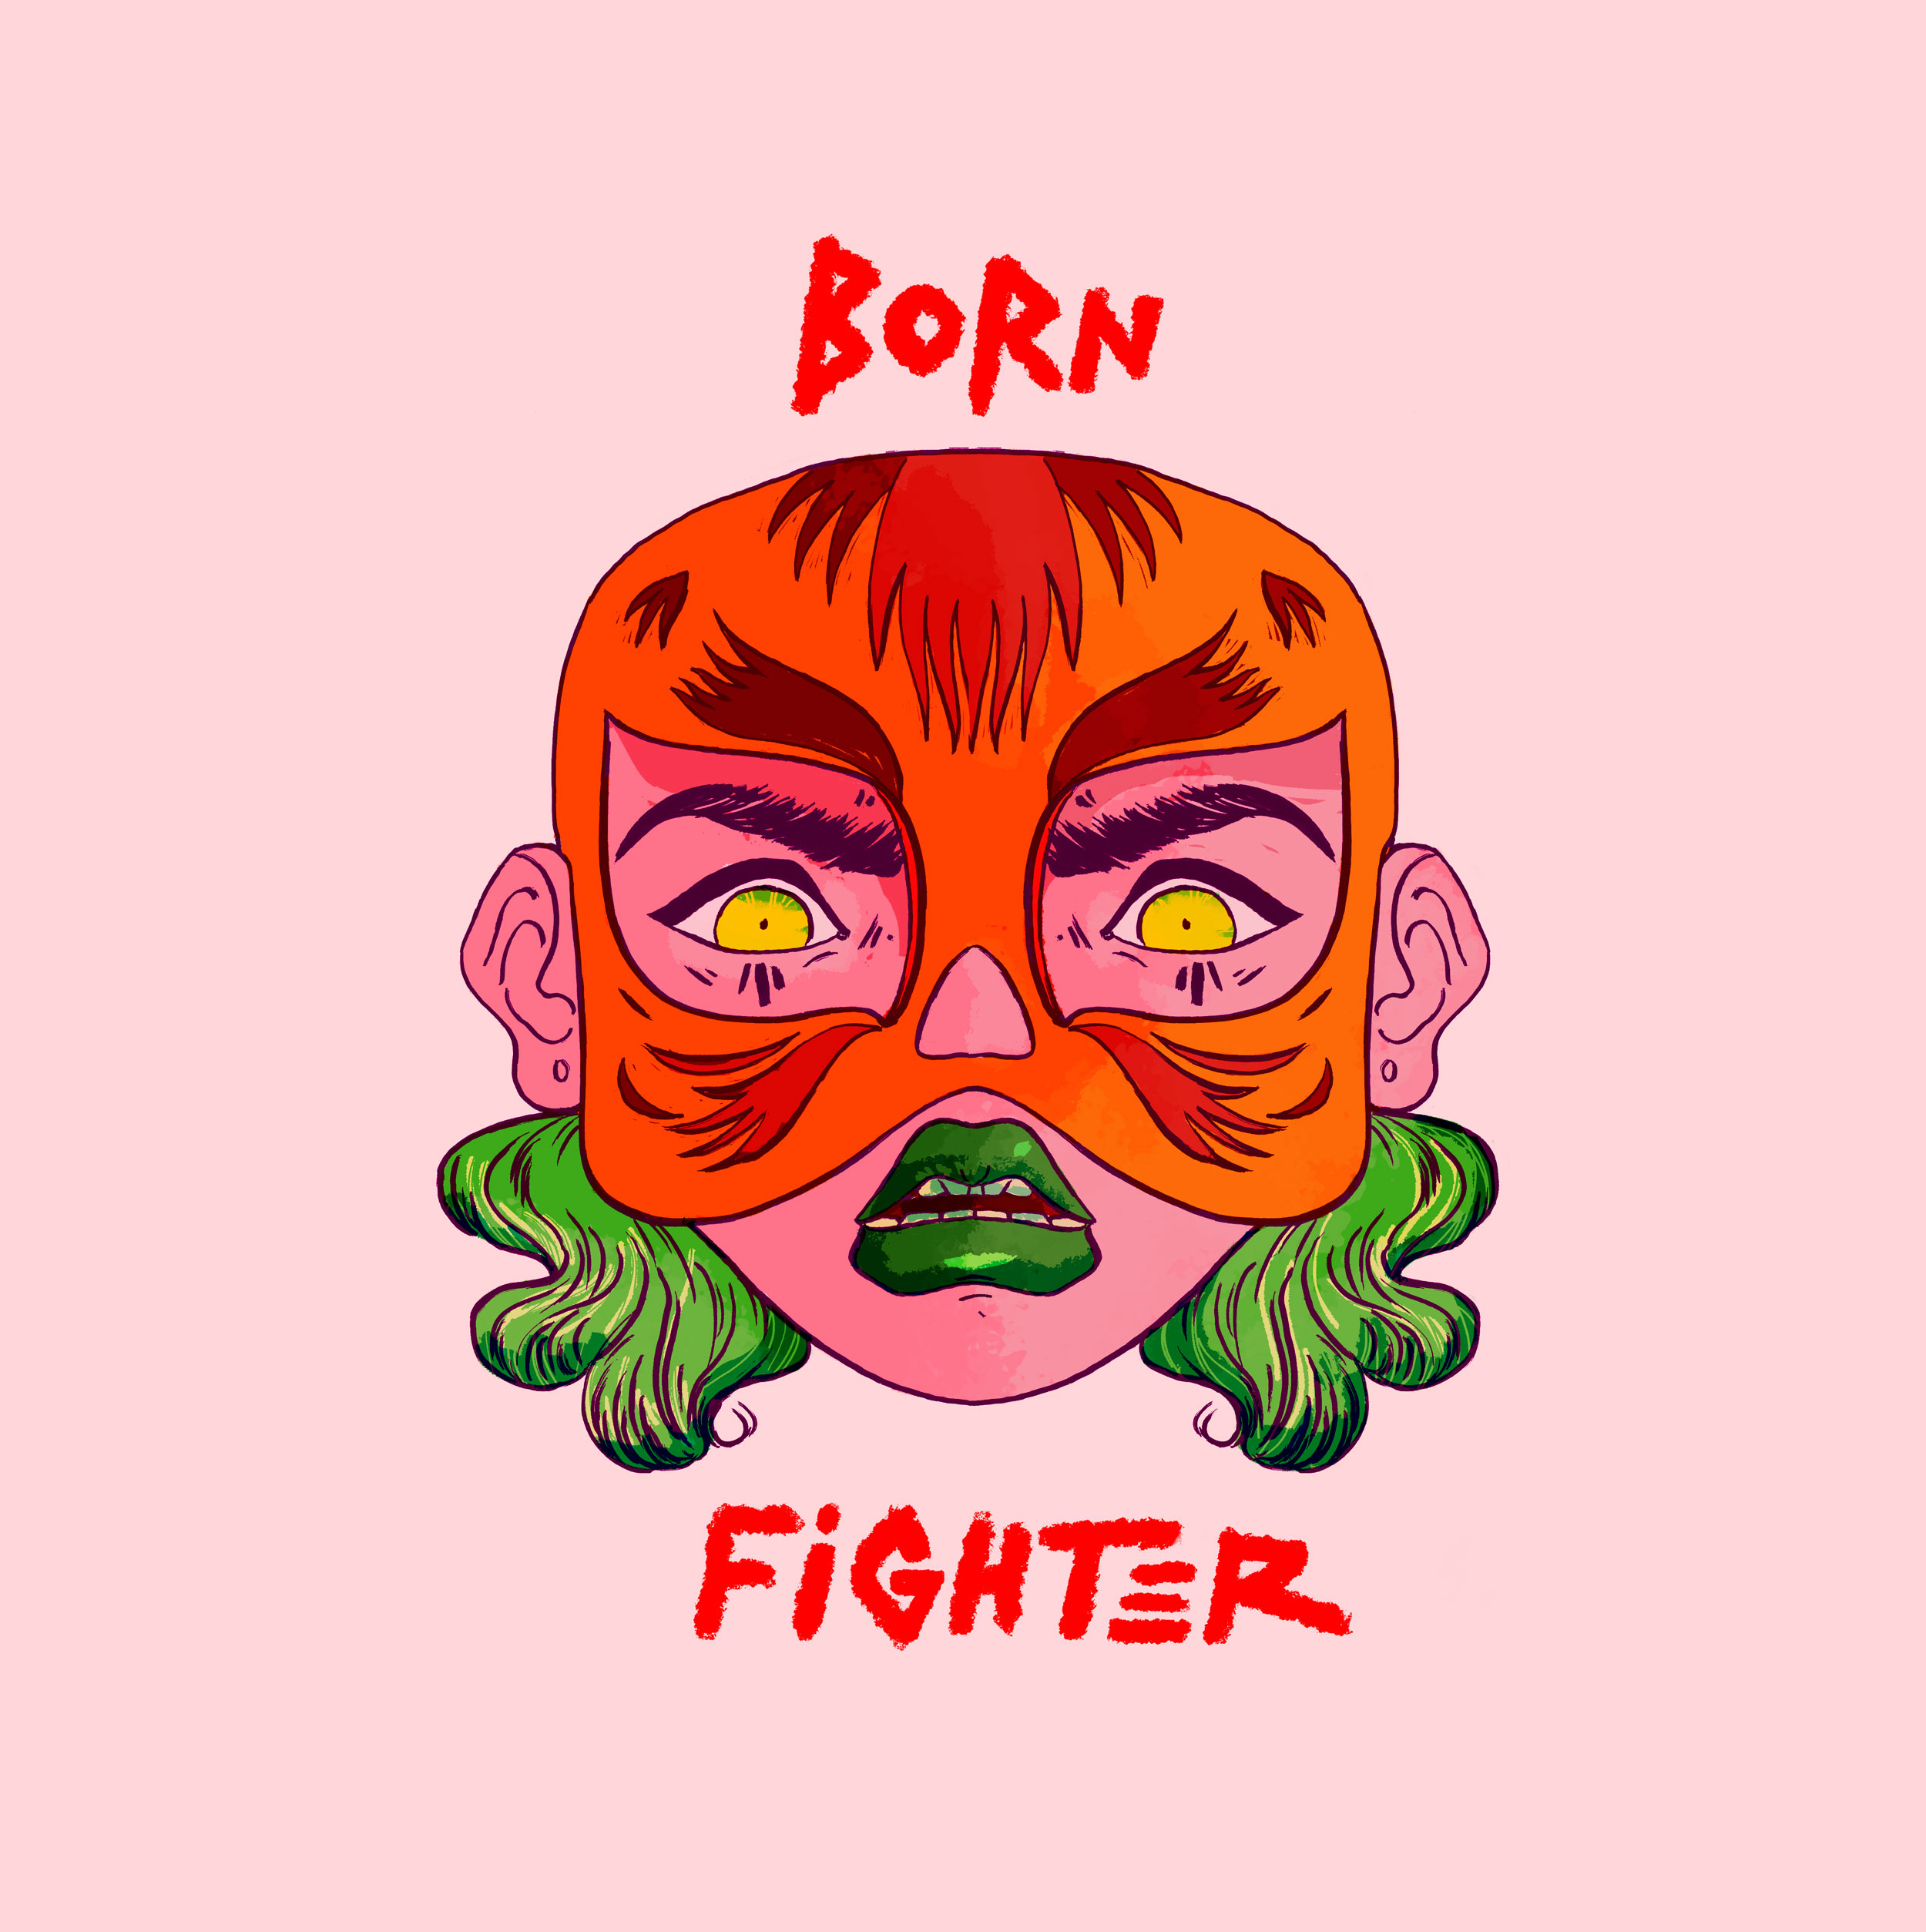 Borislava_Mihaela_Karadjovi_Born Fighter_social2.jpg